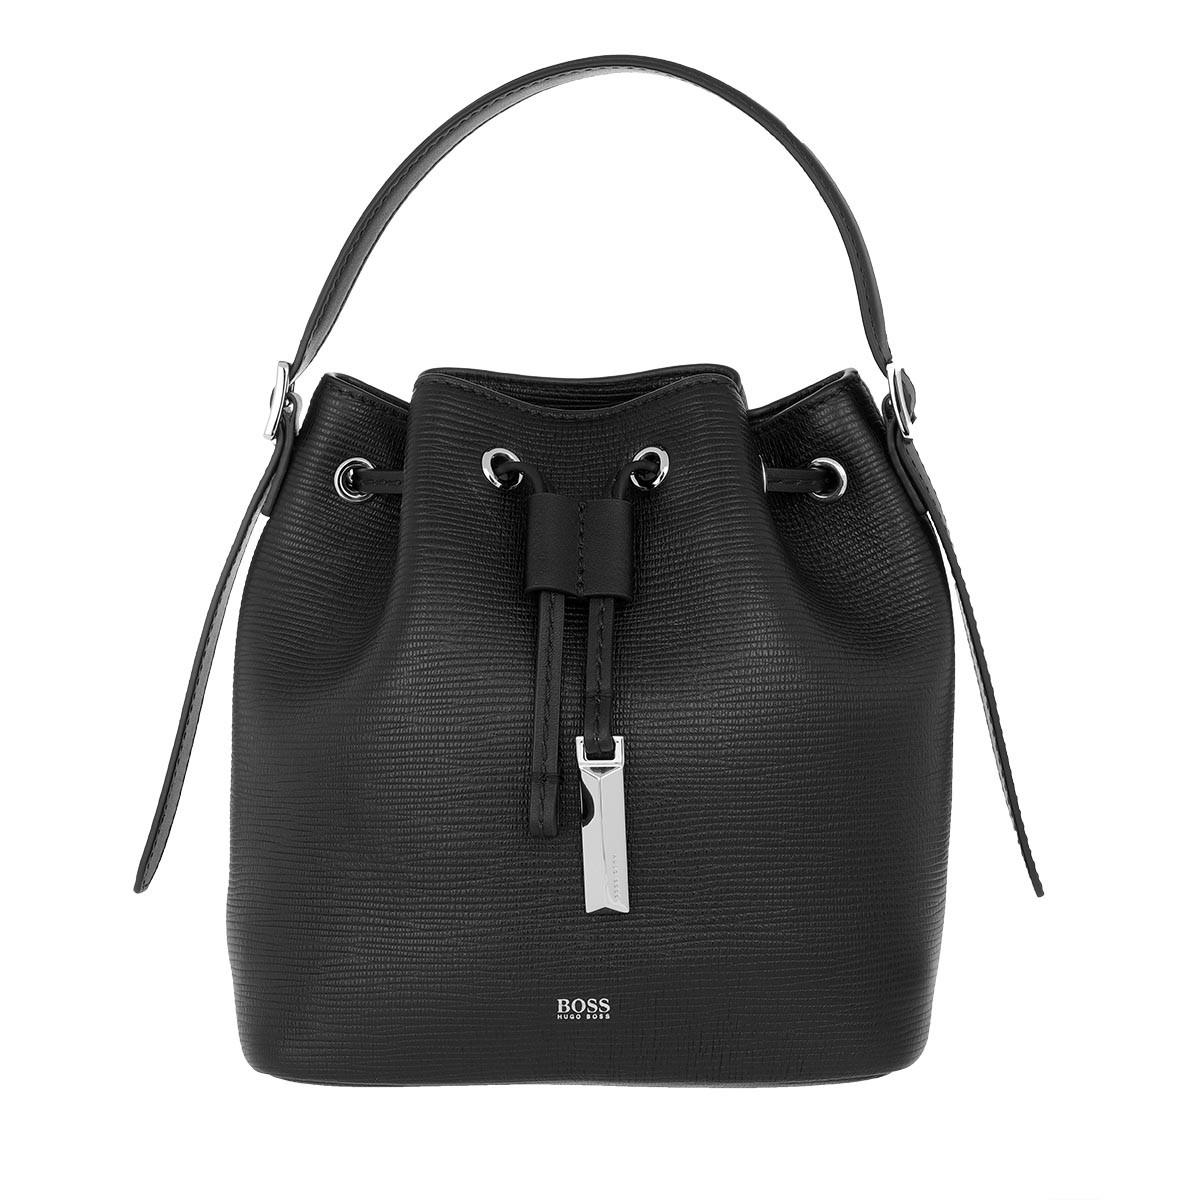 Boss Beuteltasche - Nathalie SM Drawstring Bag Black - in schwarz - für Damen